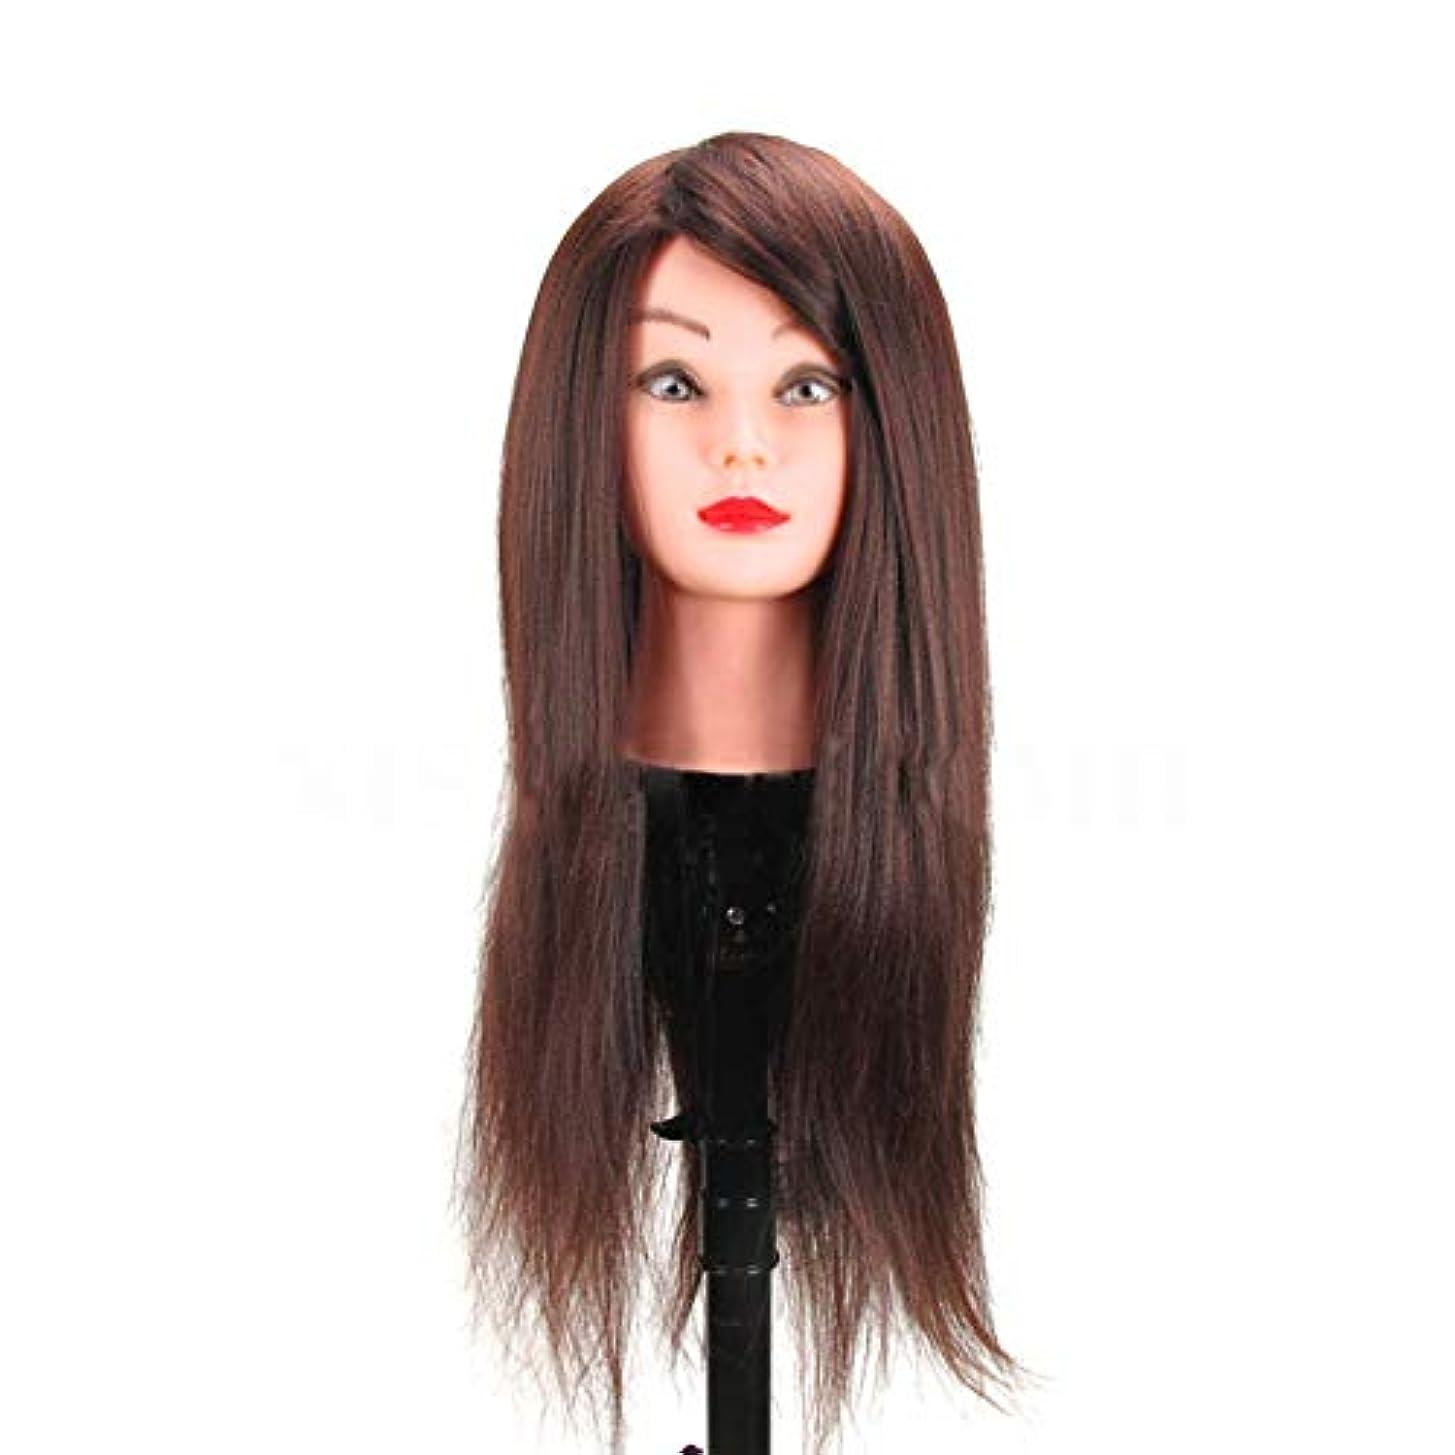 高温シルク編組ヘアスタイリングヘッドモデル理髪店理髪ダミーヘッド化粧練習マネキンヘッド